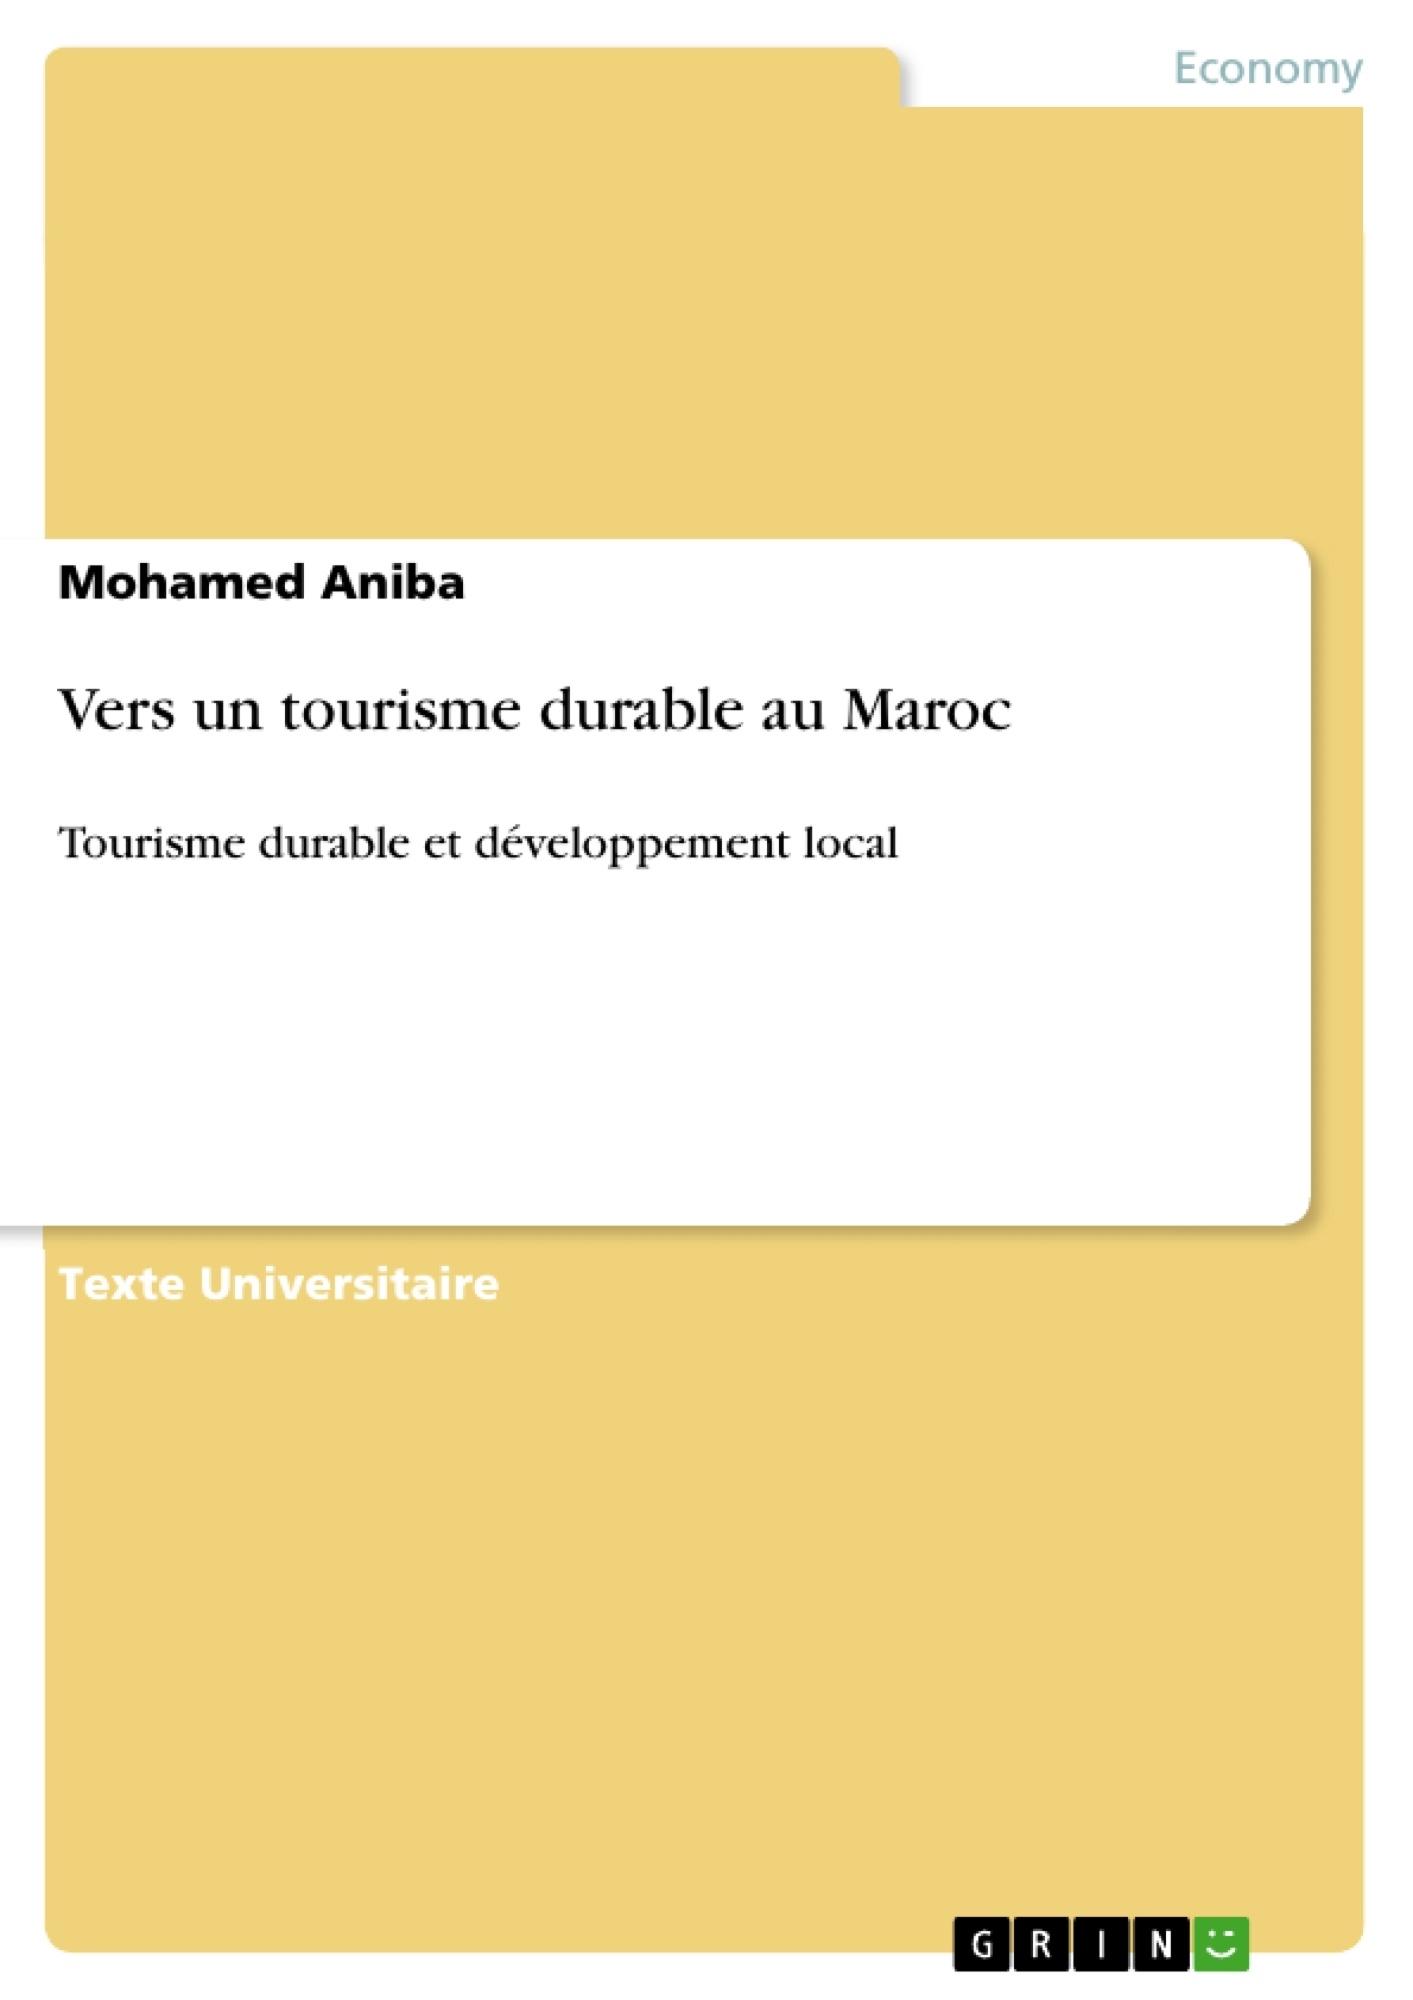 Titre: Vers un tourisme durable au Maroc